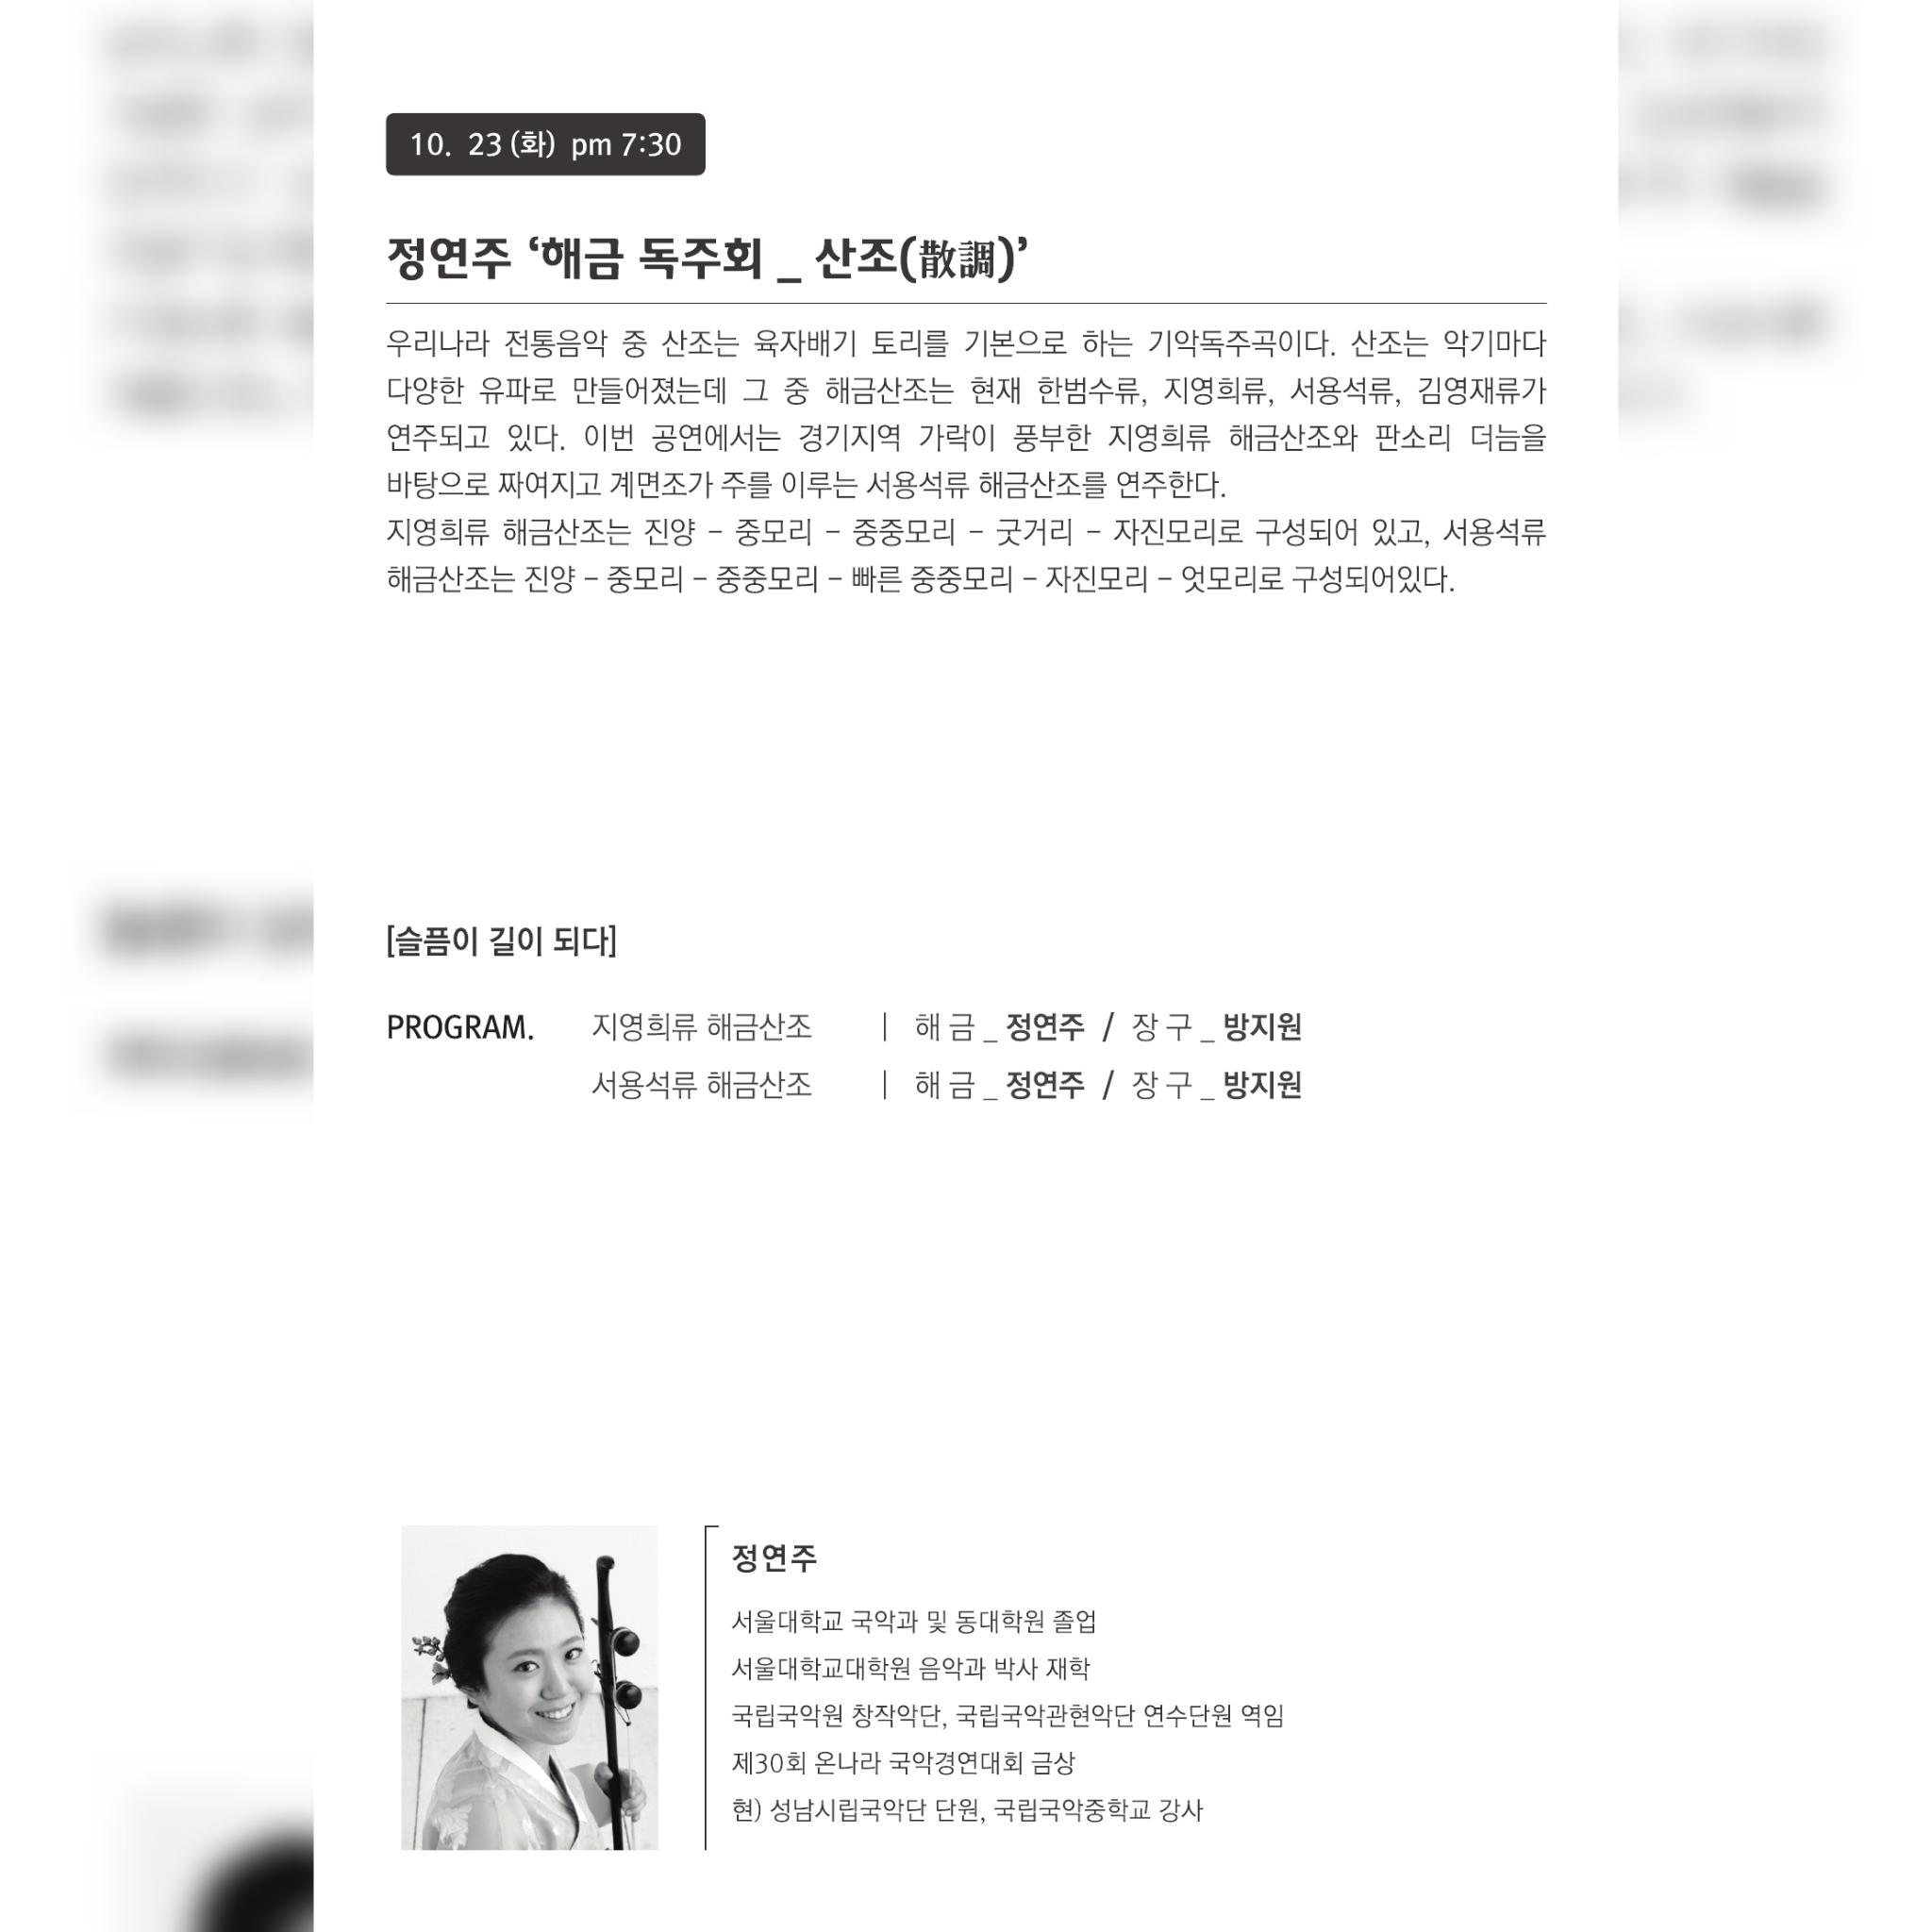 2018 아트홀가얏고을 가을시즌 기획공연 긴산조전 - 슬픔이 길이 되다.